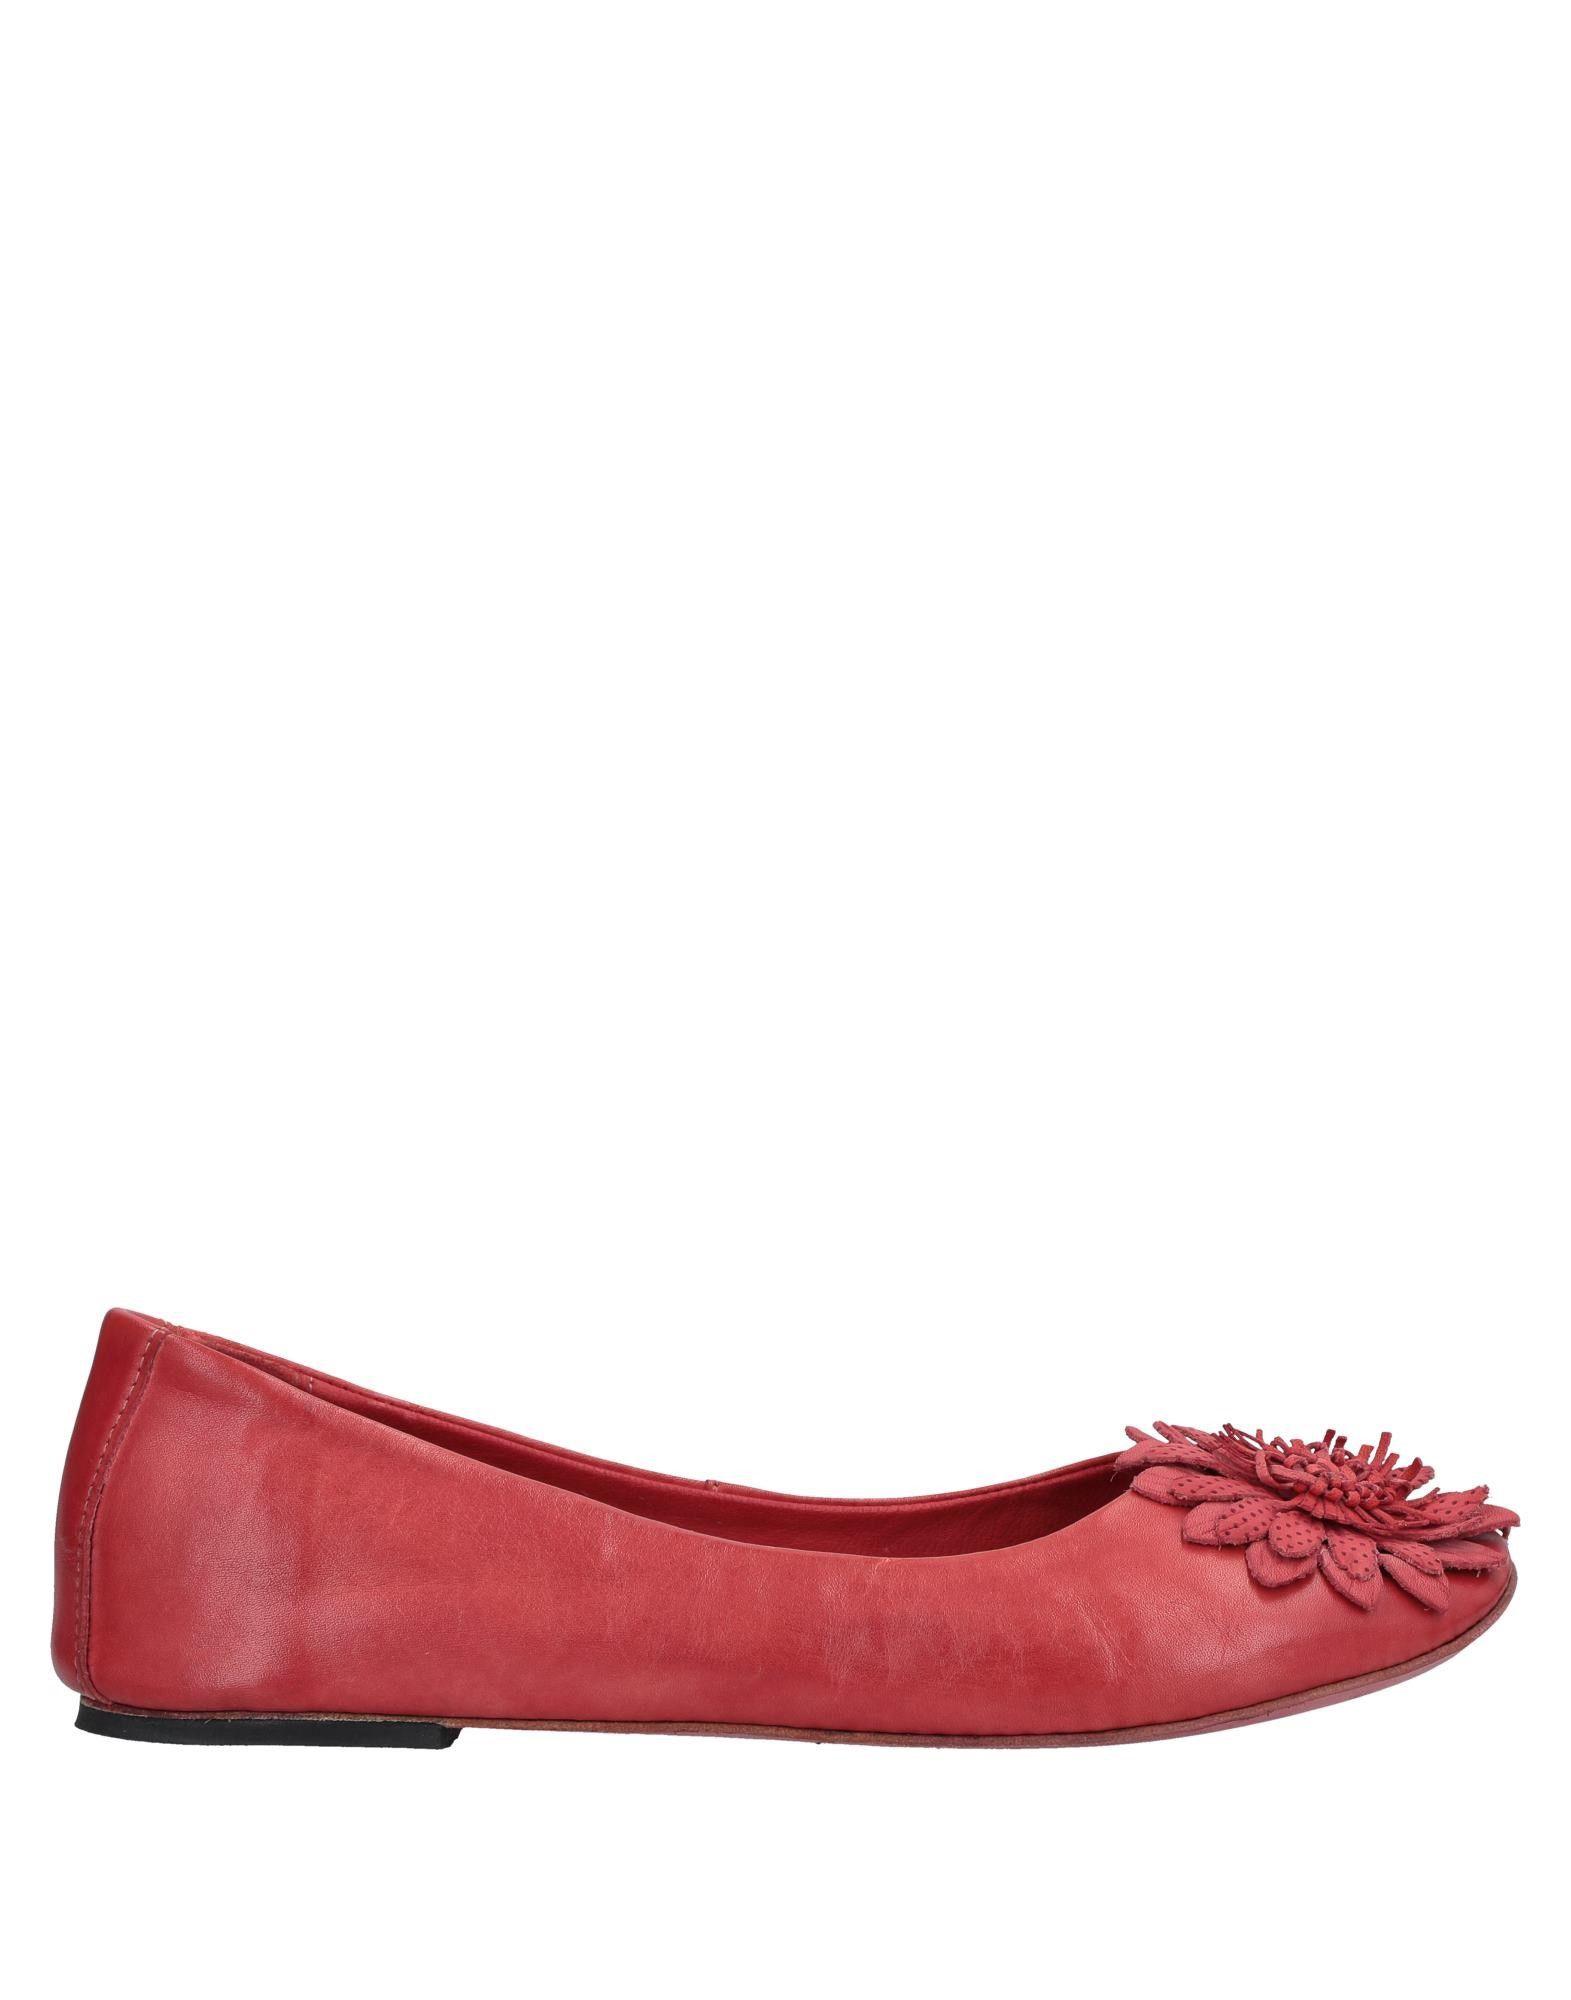 Kudetà Ballerinas Damen   Damen 11530654UX Gute Qualität beliebte Schuhe 99bd7a